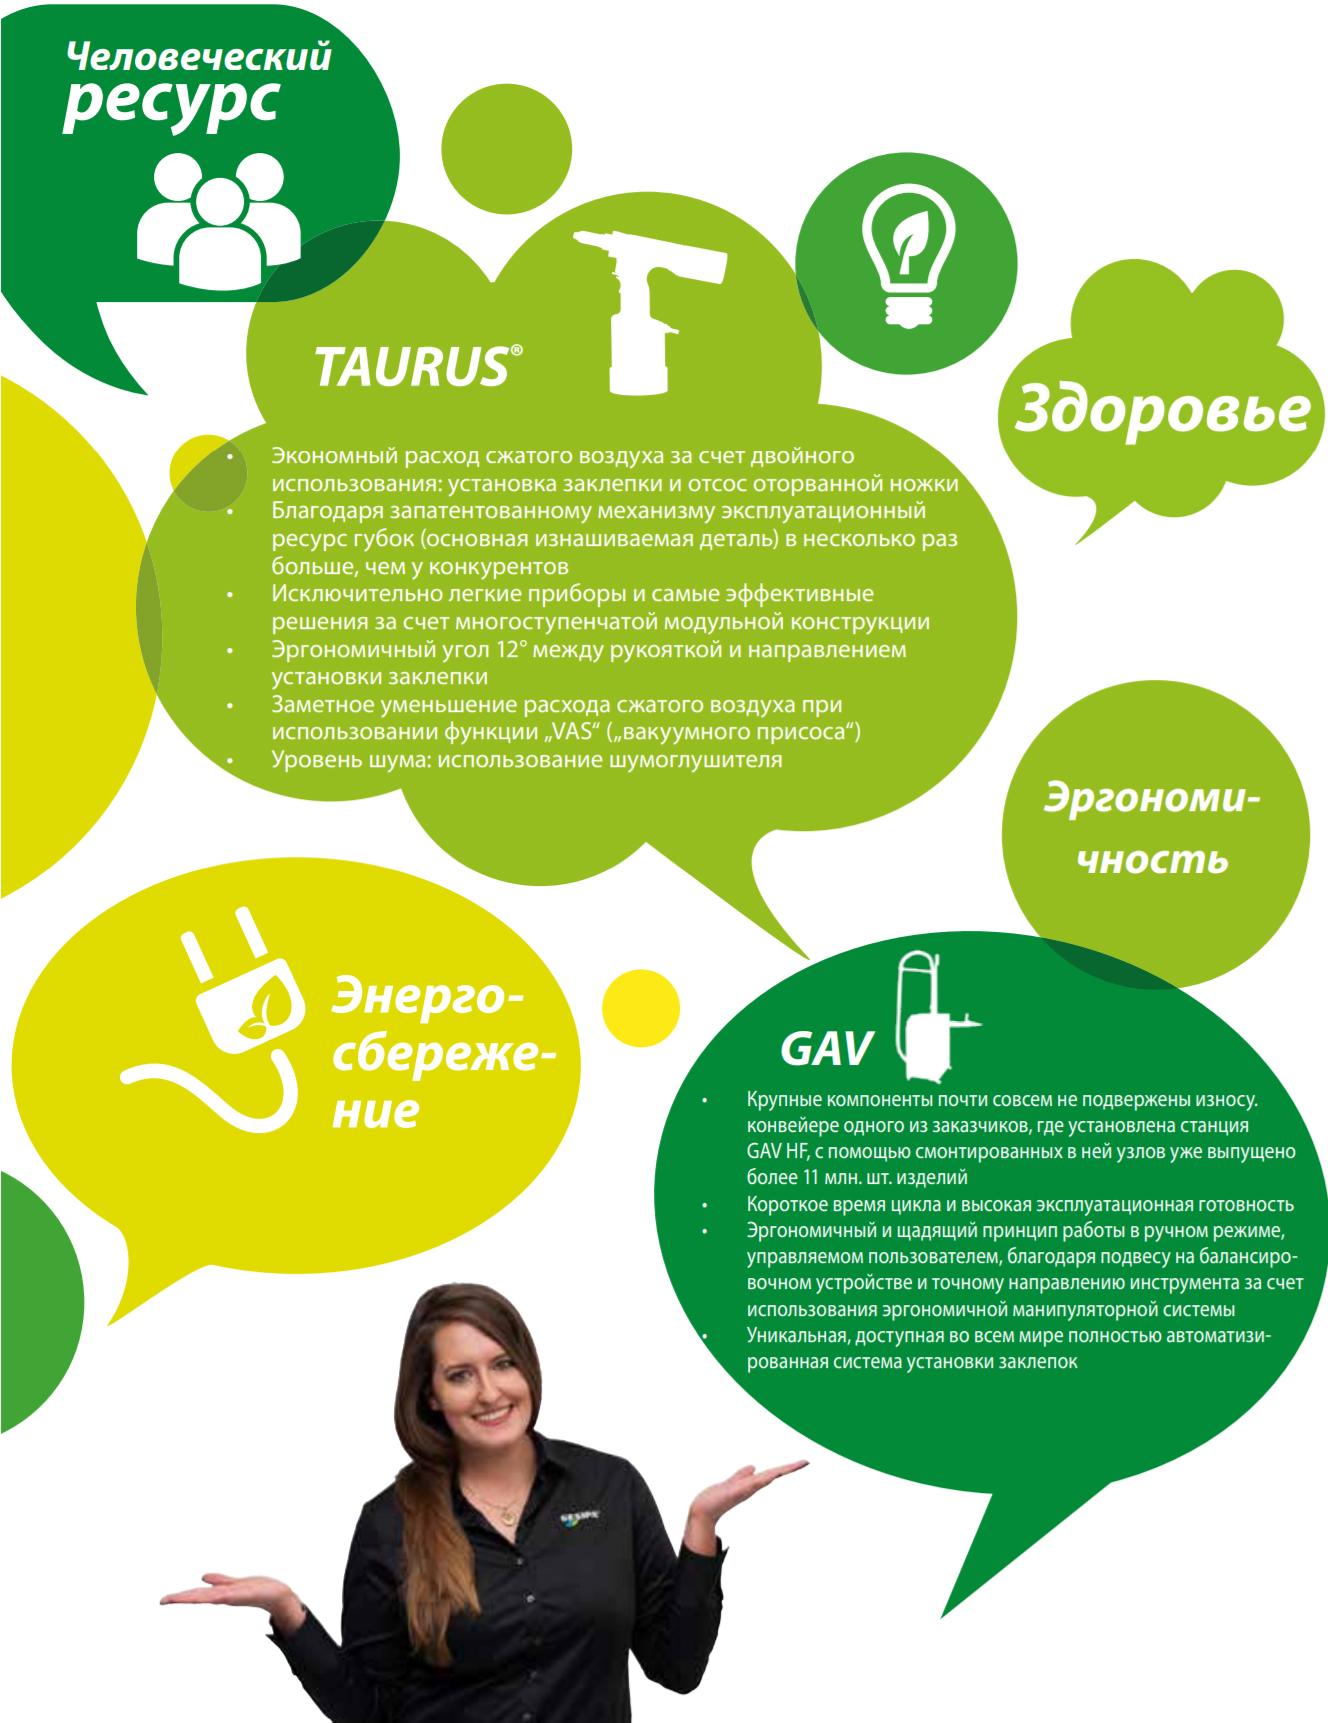 Принципы неистощительного пользования природными ресурсами GESIPA®